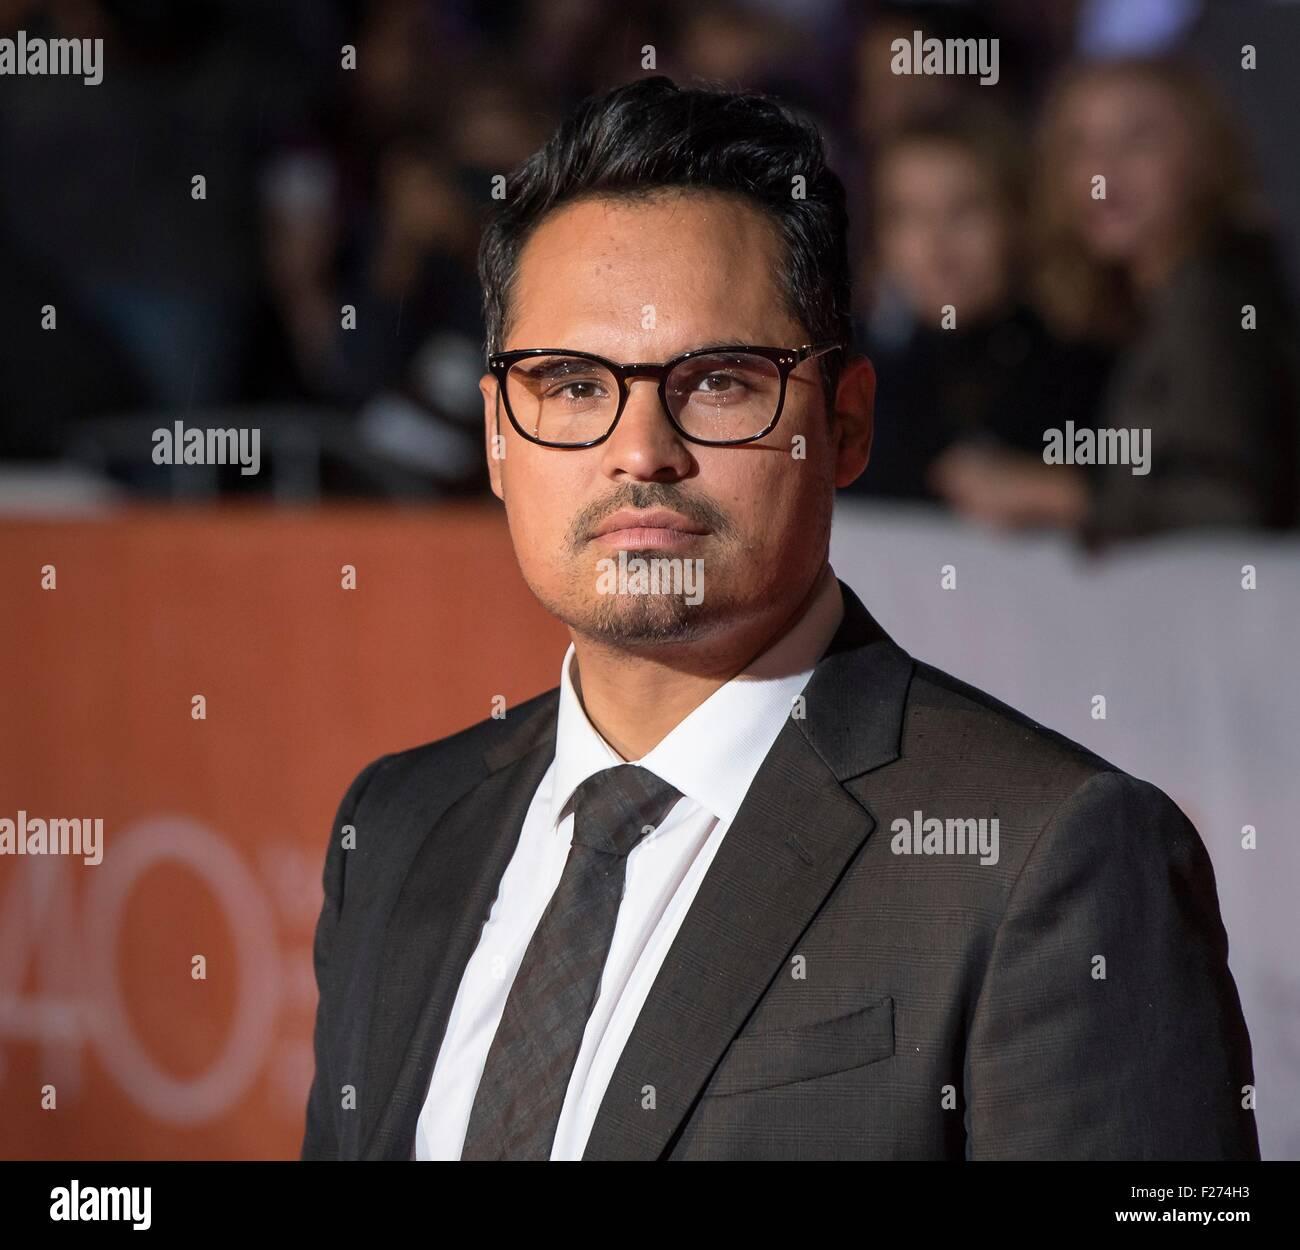 El actor Michael Peña asiste al estreno mundial de El Marciano en el Festival Internacional de Cine de Toronto Imagen De Stock